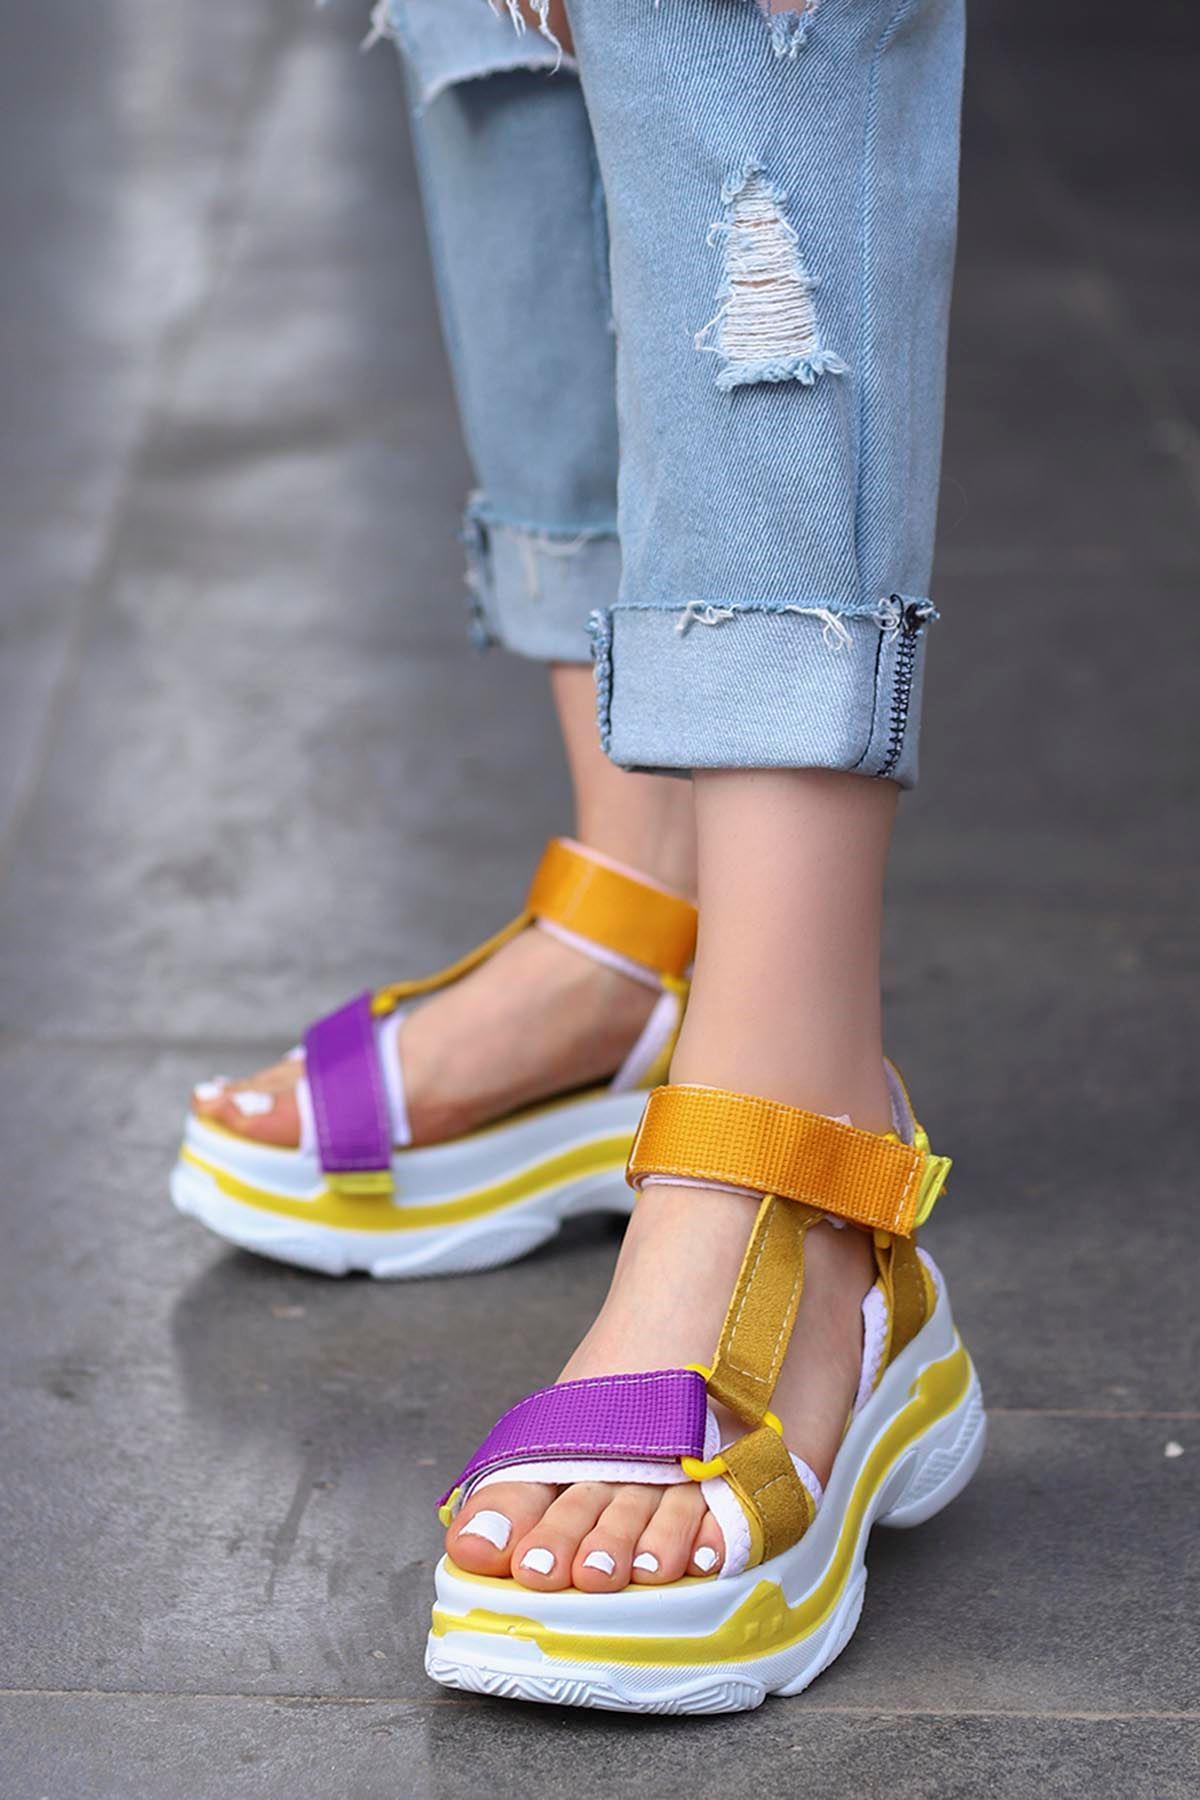 Rafael Dolgu Taban Sandalet Sarı/Mor